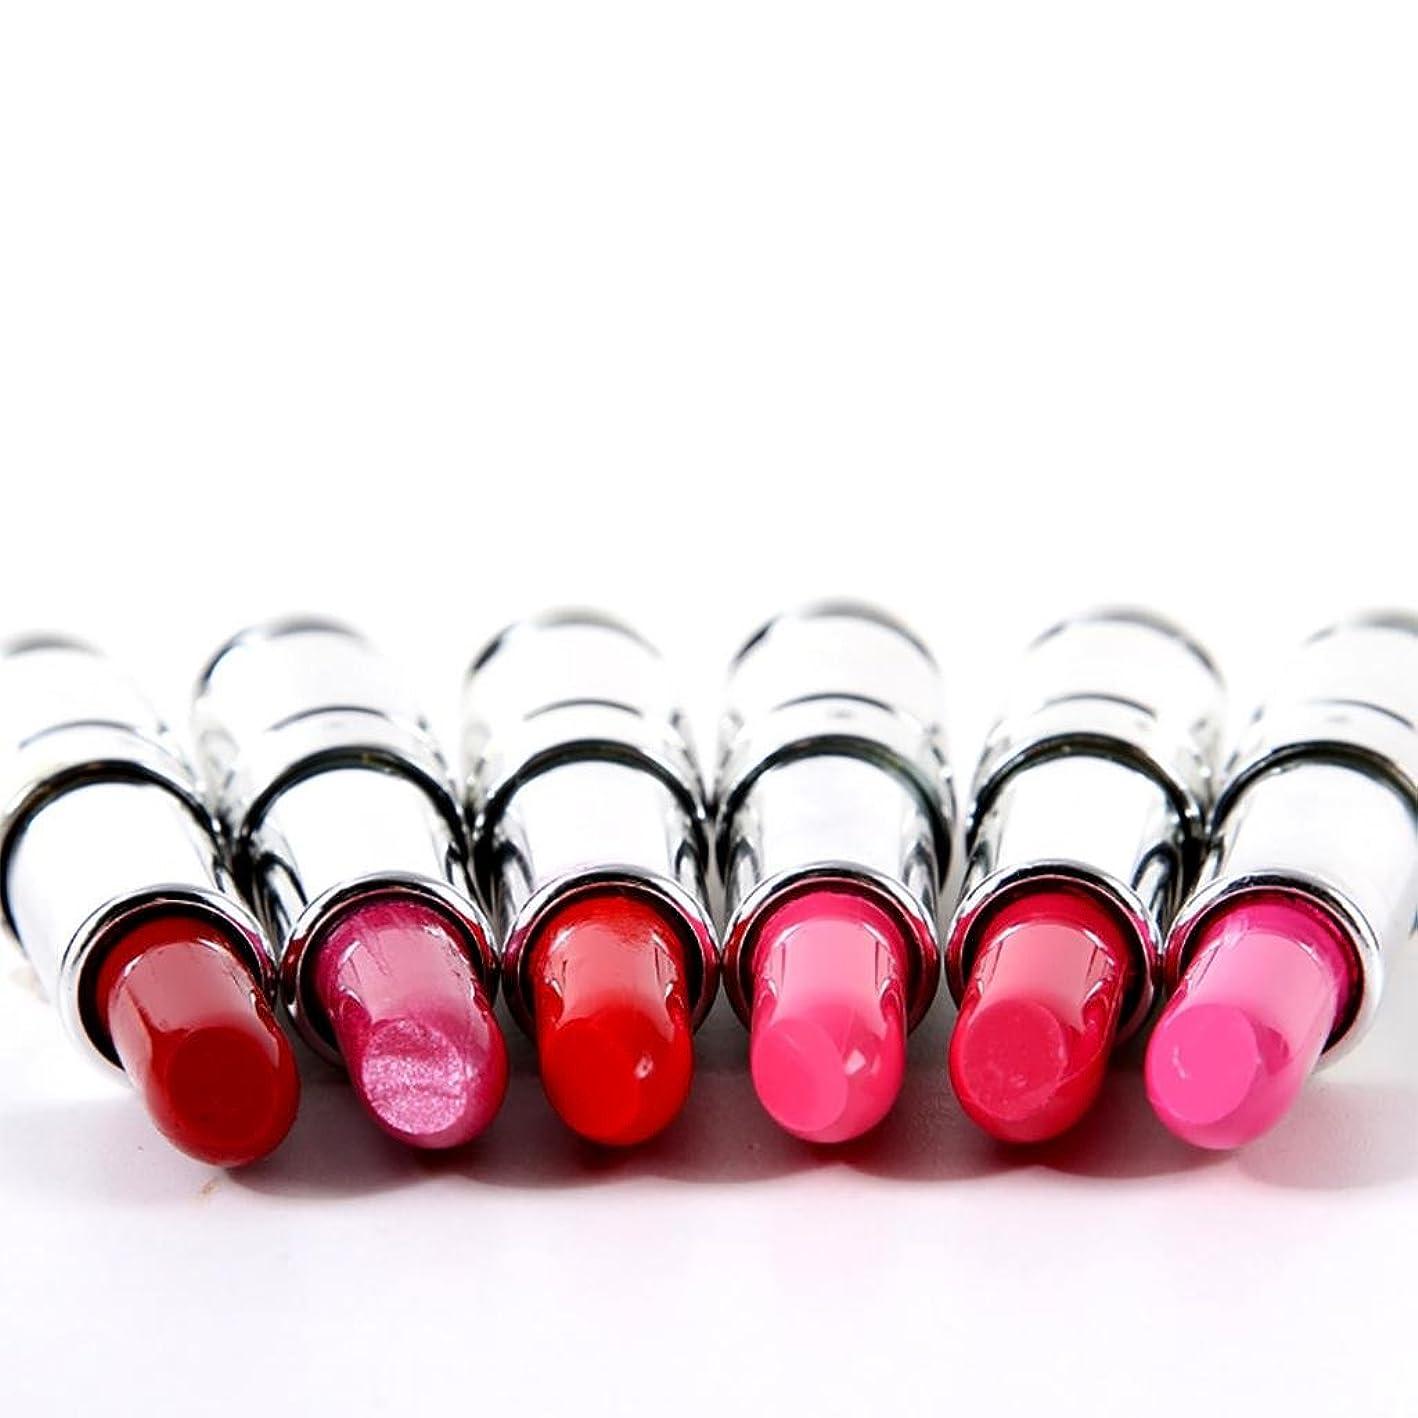 永続エステート系統的Homyl 6色 リップスティック 唇メイクアップ コスメ 防水 マット 口紅 リップ グロスセット 長持ち 仕上げ プレゼント